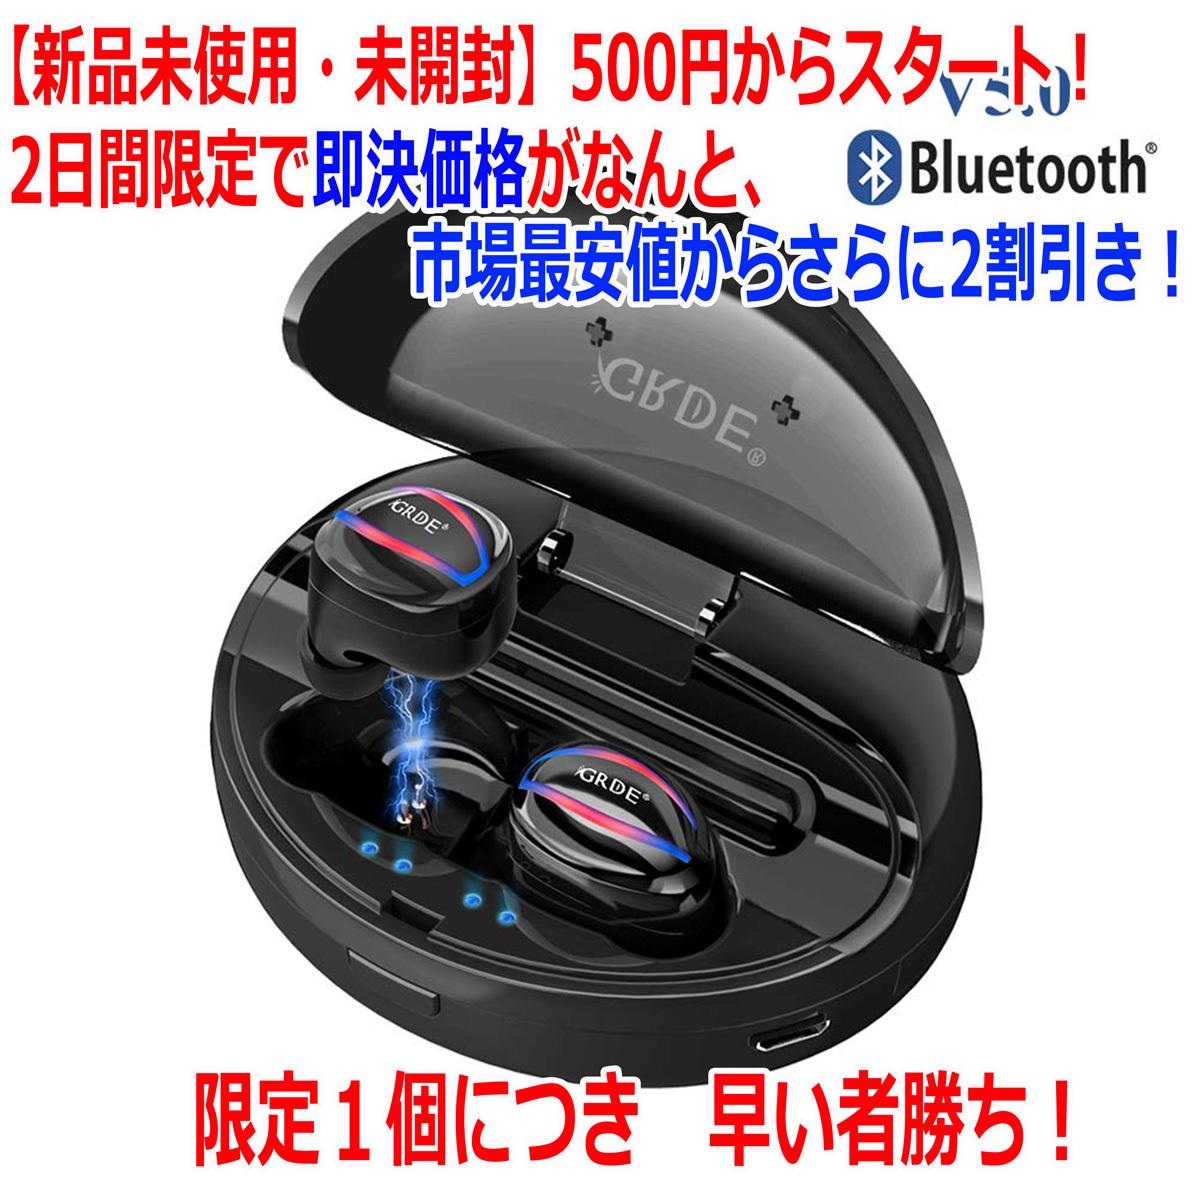 ★☆[最新版5.0]Bluetoothイヤホン ワイヤレスイヤホン ヘッドセット IPX5防水 90時間連続駆動☆★